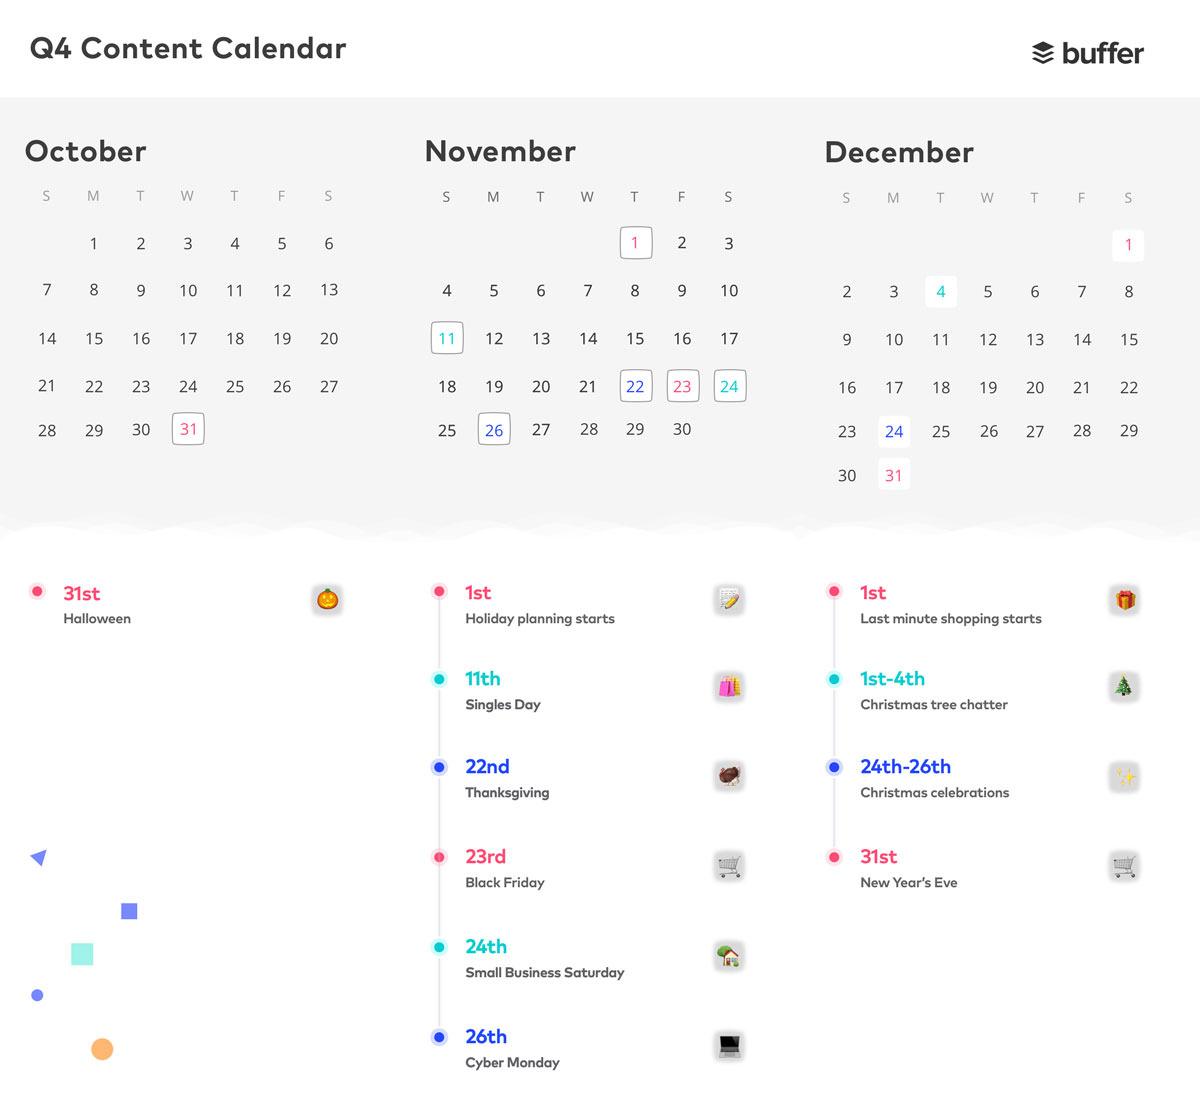 buffer q4 content calendar screenshot